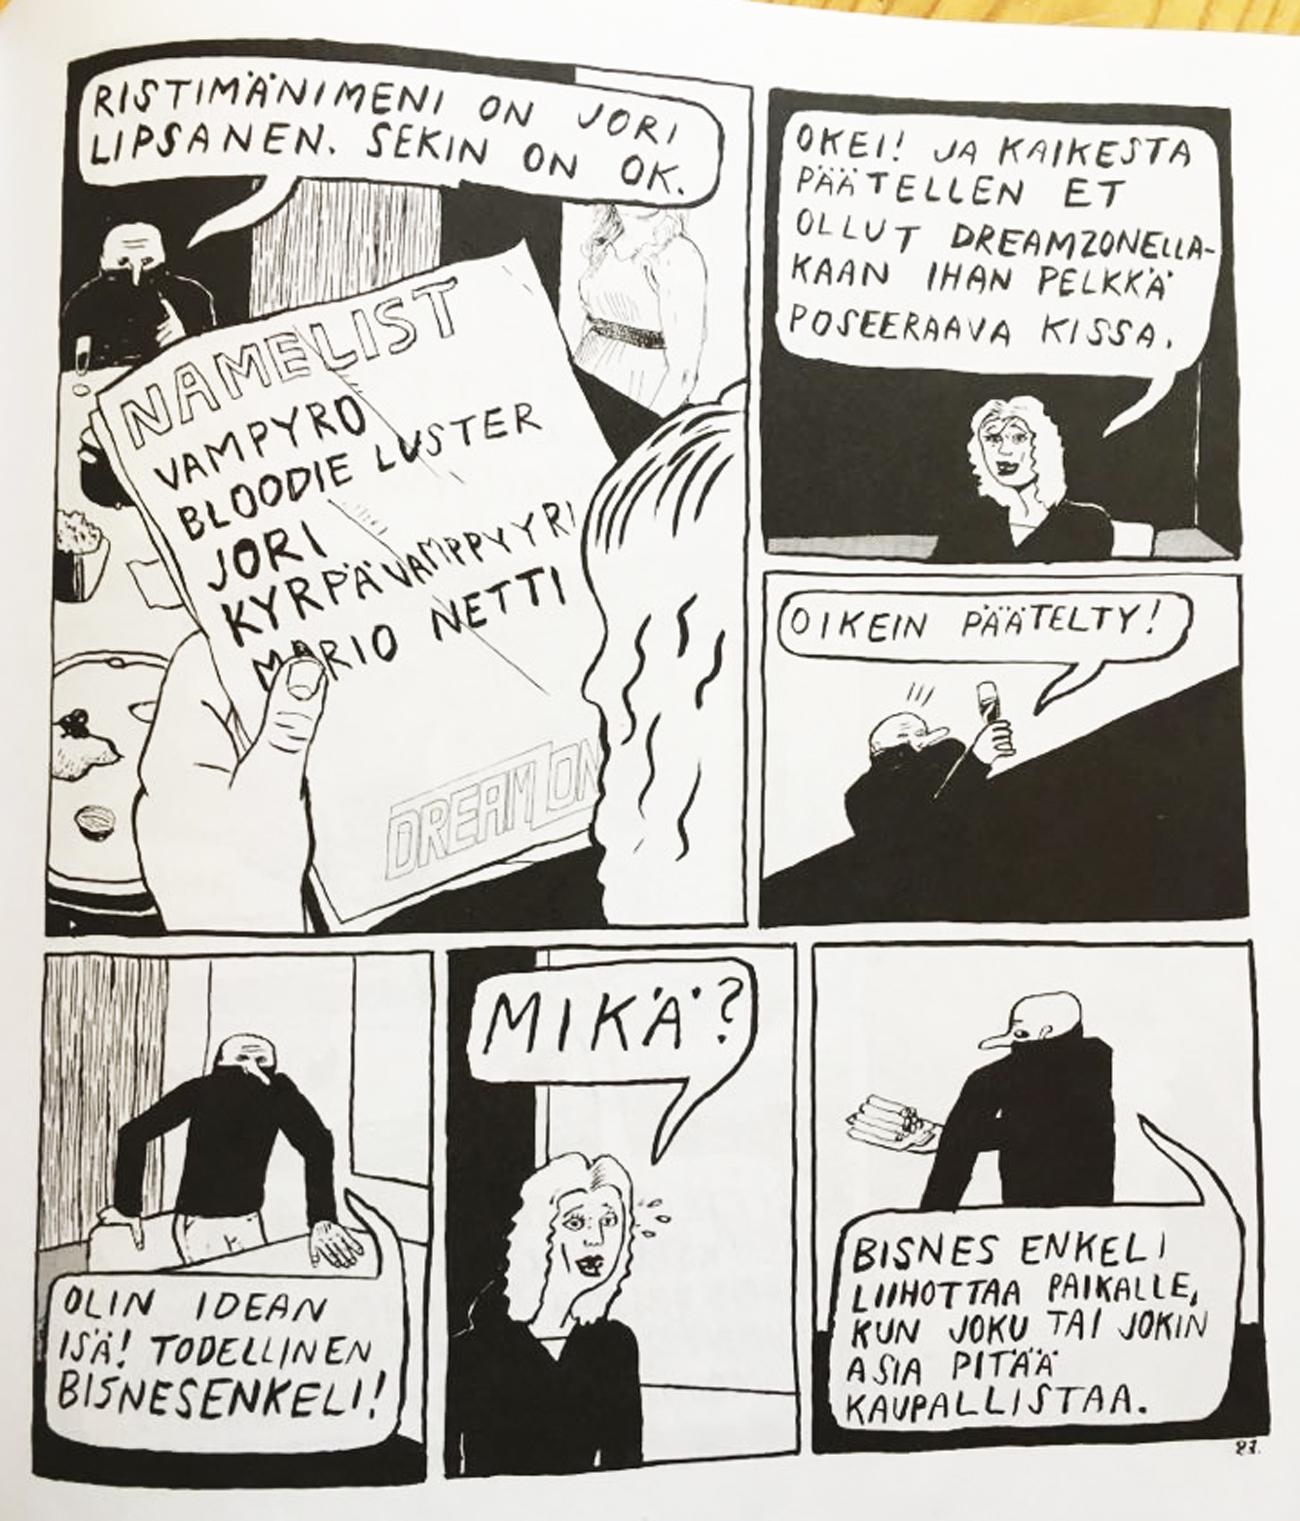 Sattumia Nissinen KUVA3